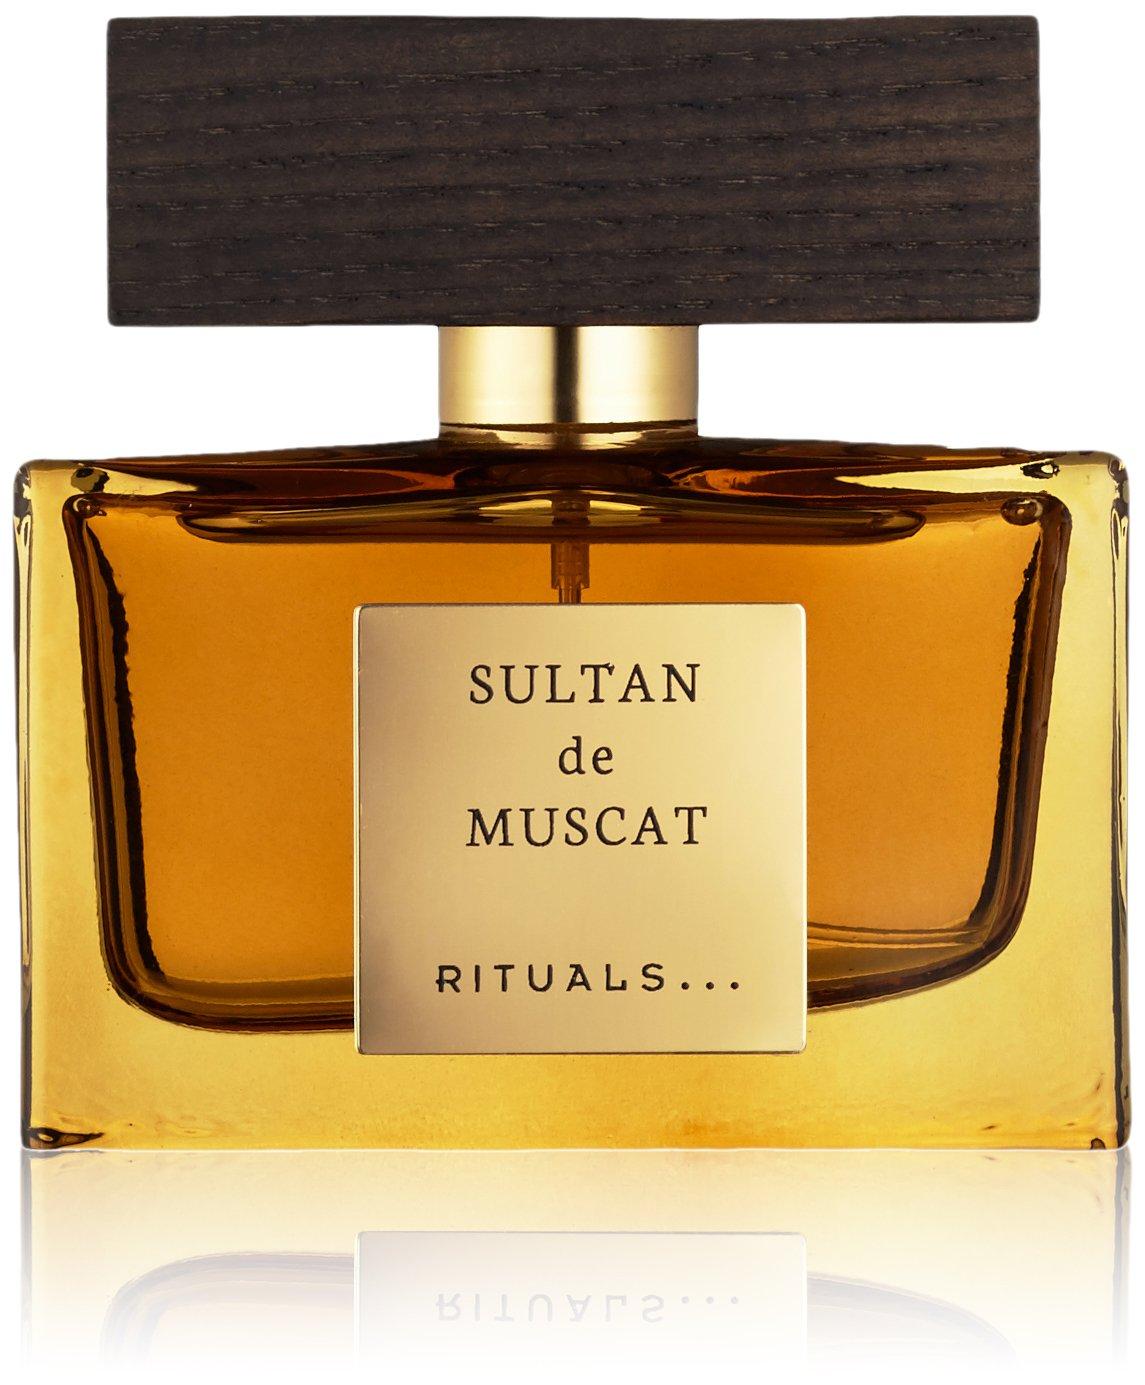 RITUALS Sultan de Muscat Eau de Parfum 50 ml Rituals Cosmetics UK TU58221